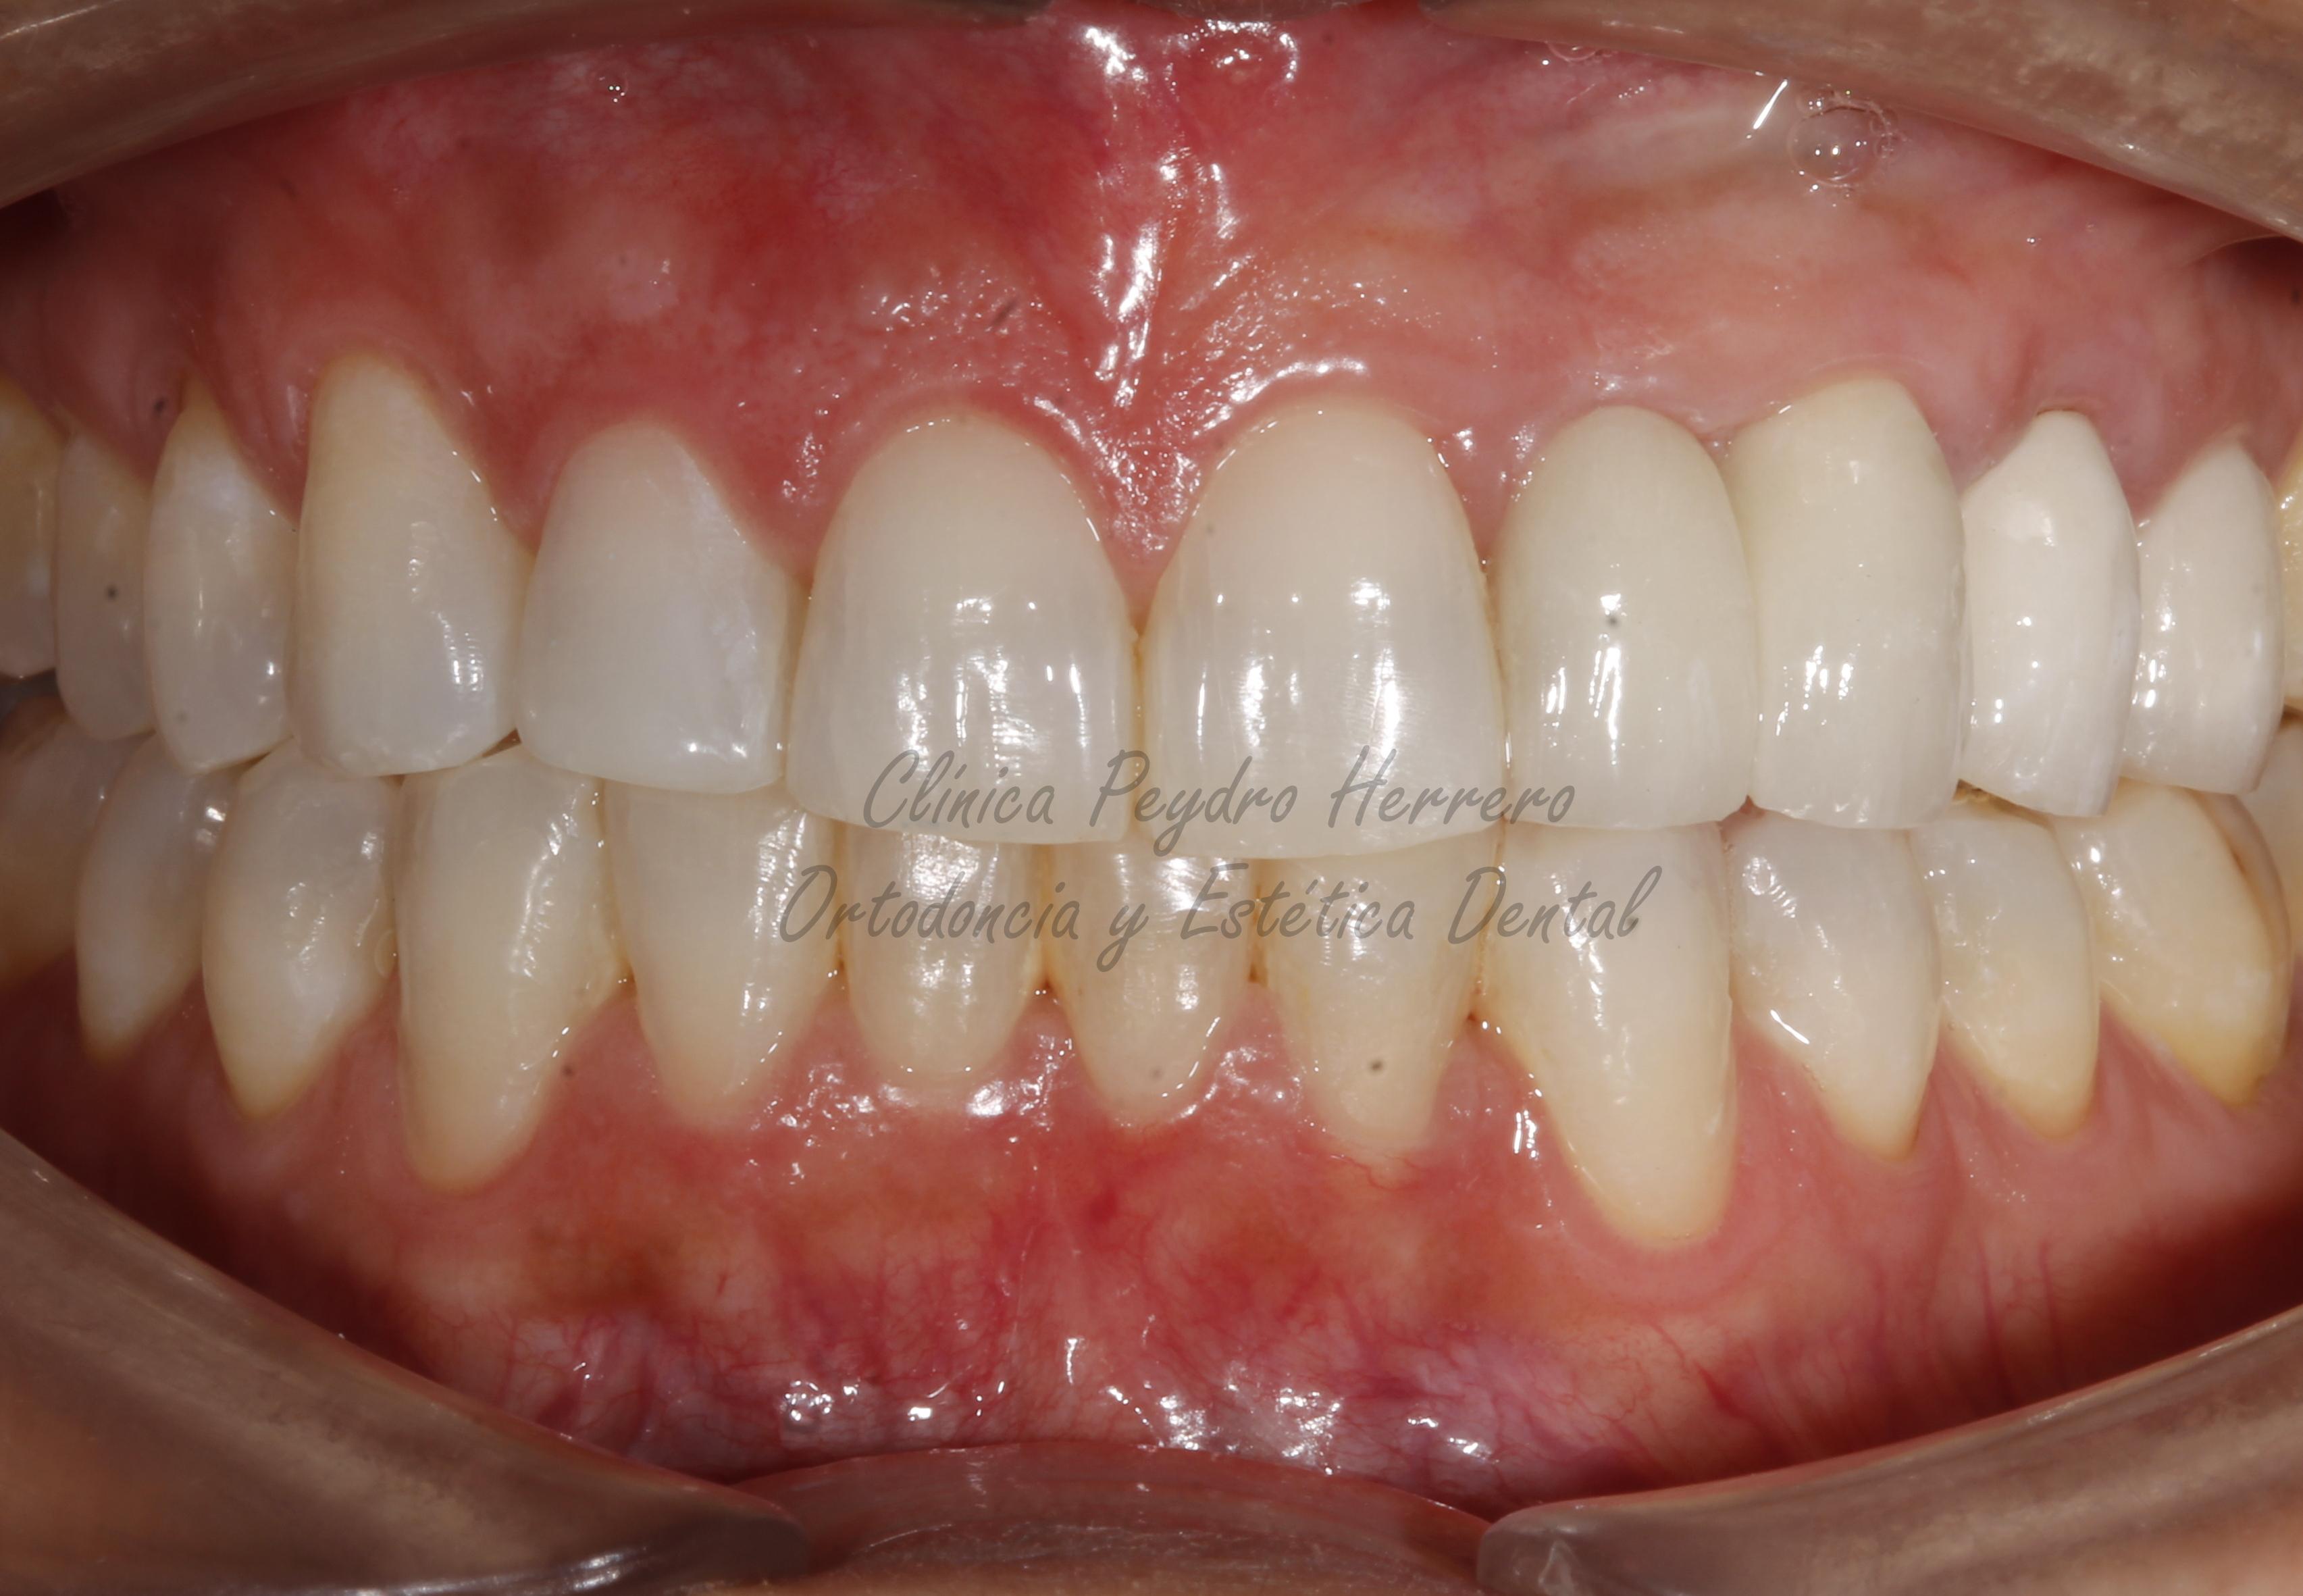 caso clínico de ortodoncia